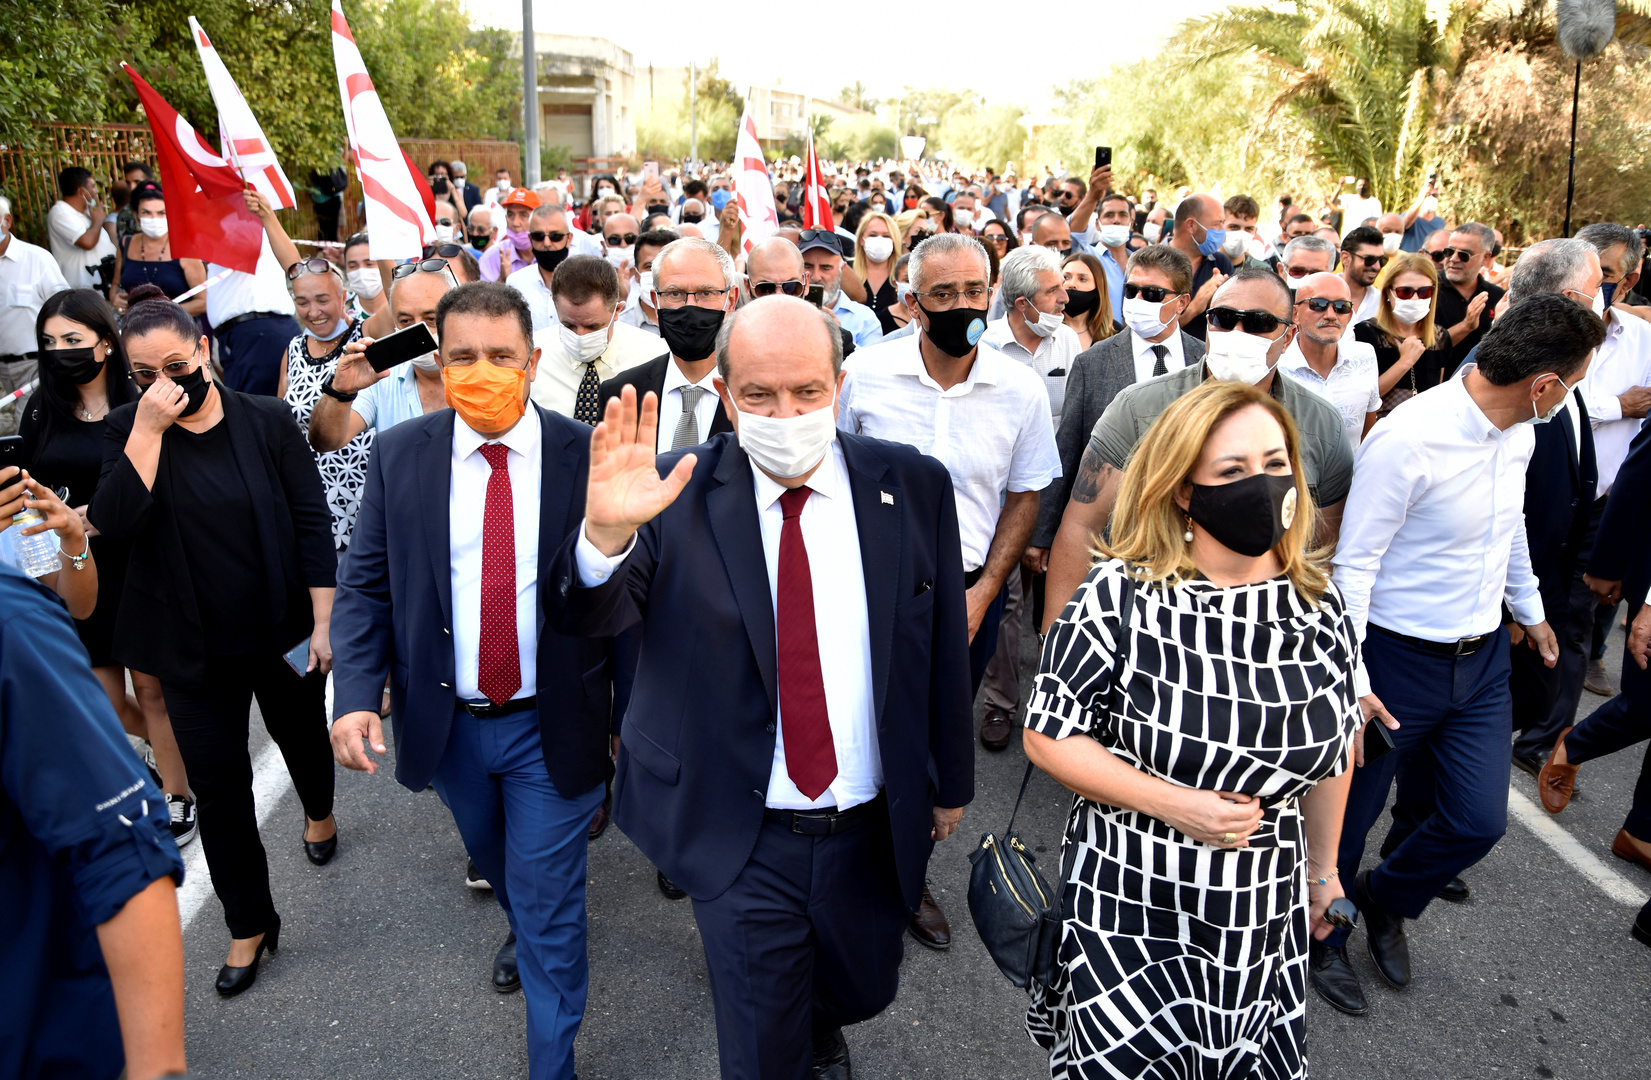 أرسين تتار: نبحث عن اتفاق يقوم على أساس دولتين في قبرص